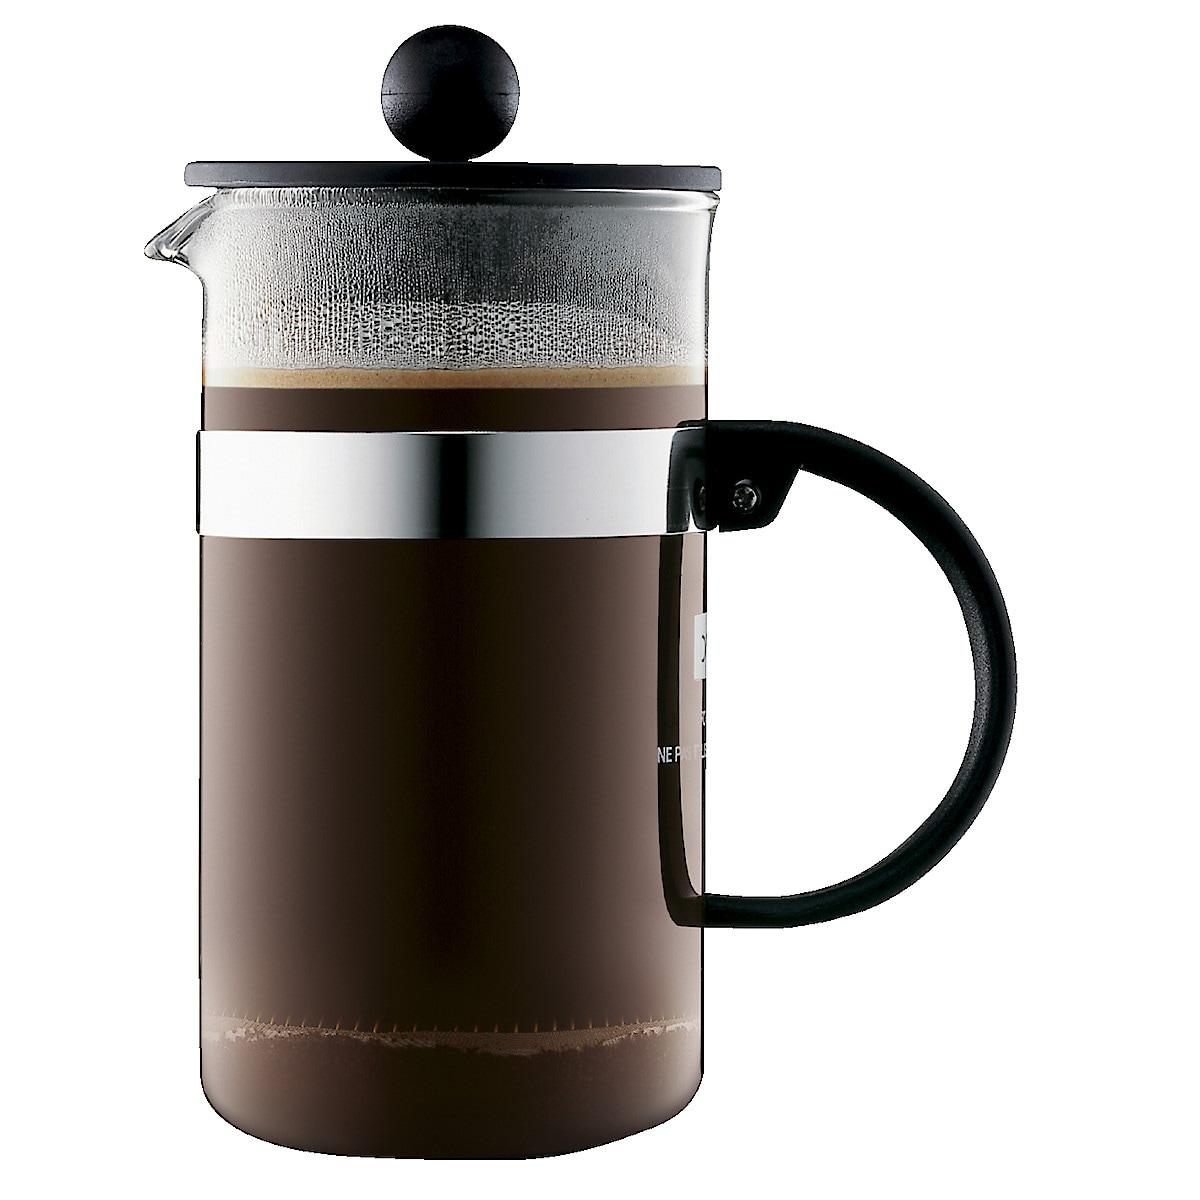 Bodum Bistro Nouveau 3-Cup Cafetiere